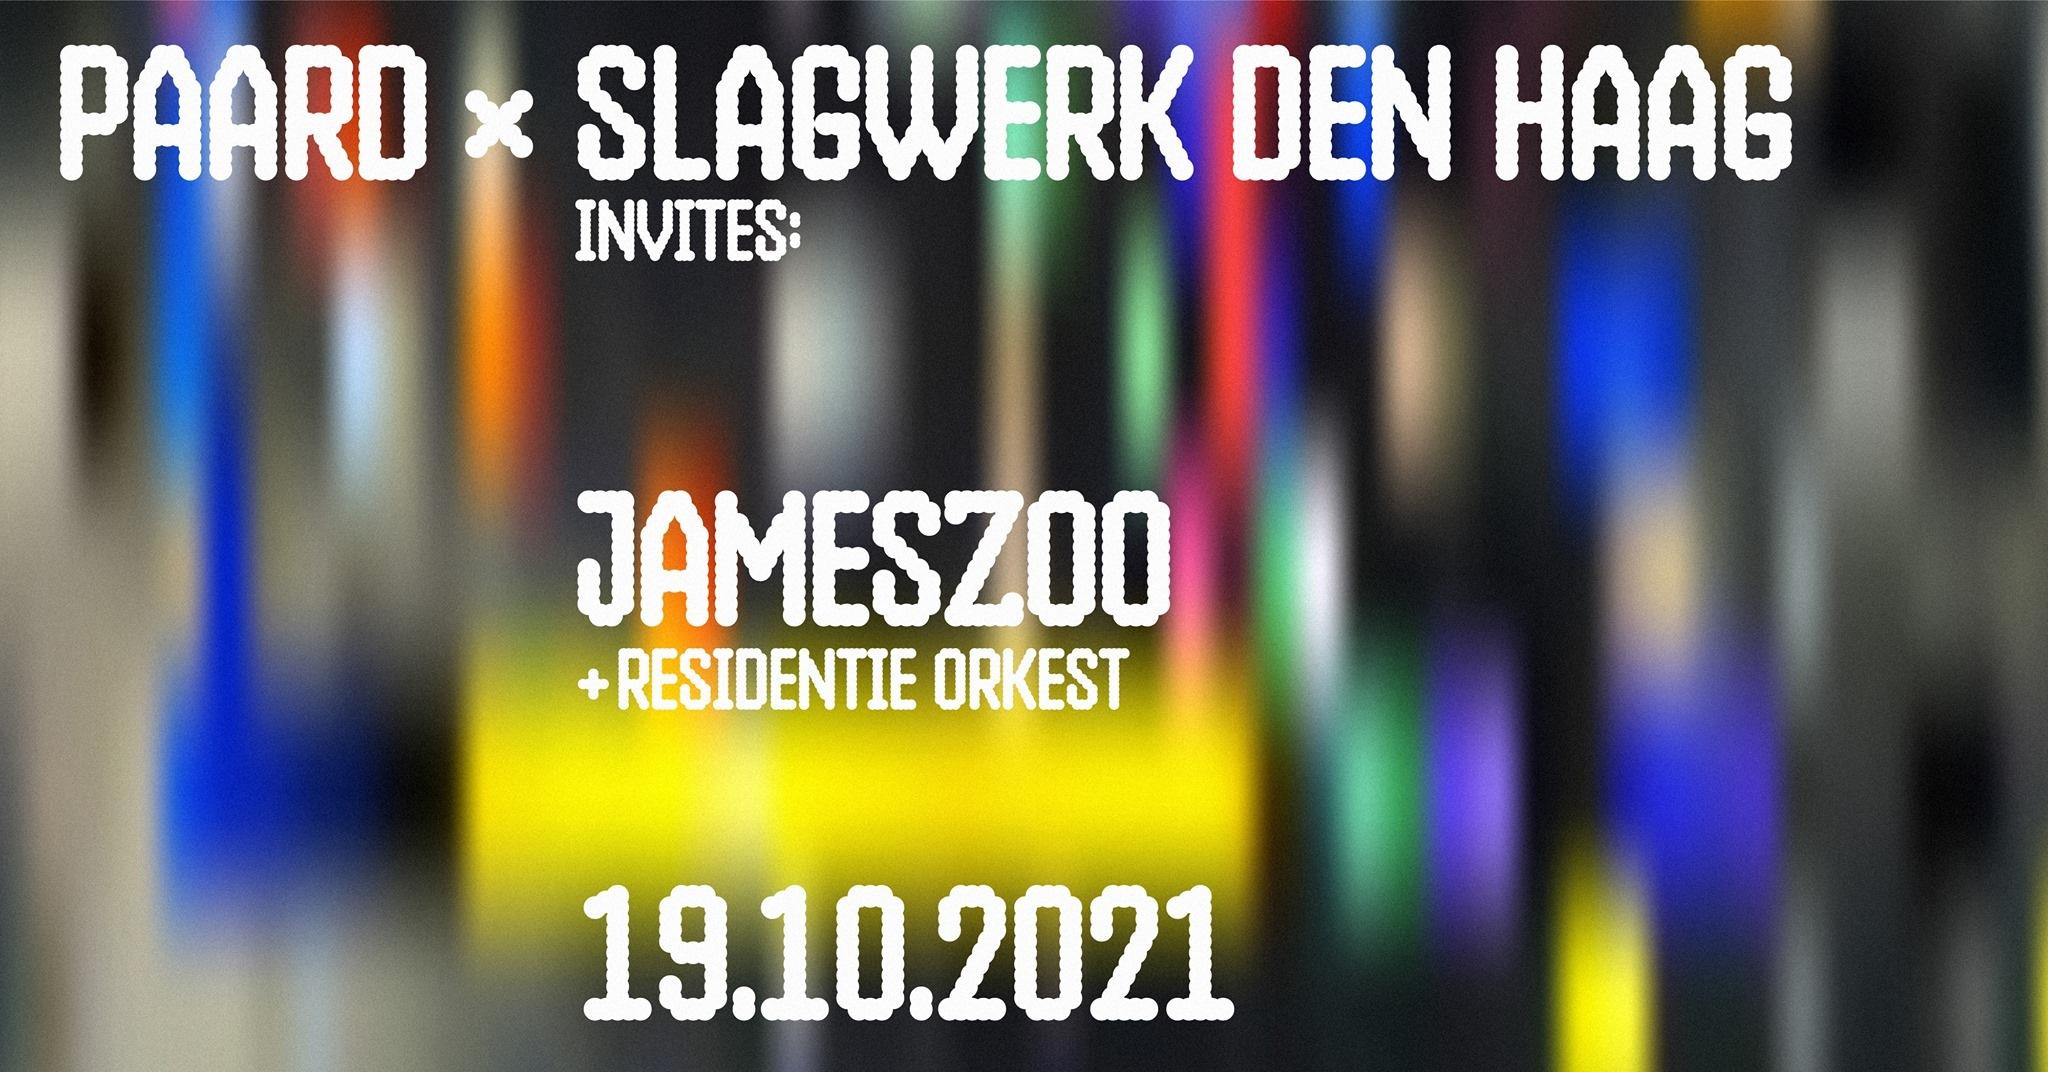 Slagwerk Den Haag invites Jameszoo